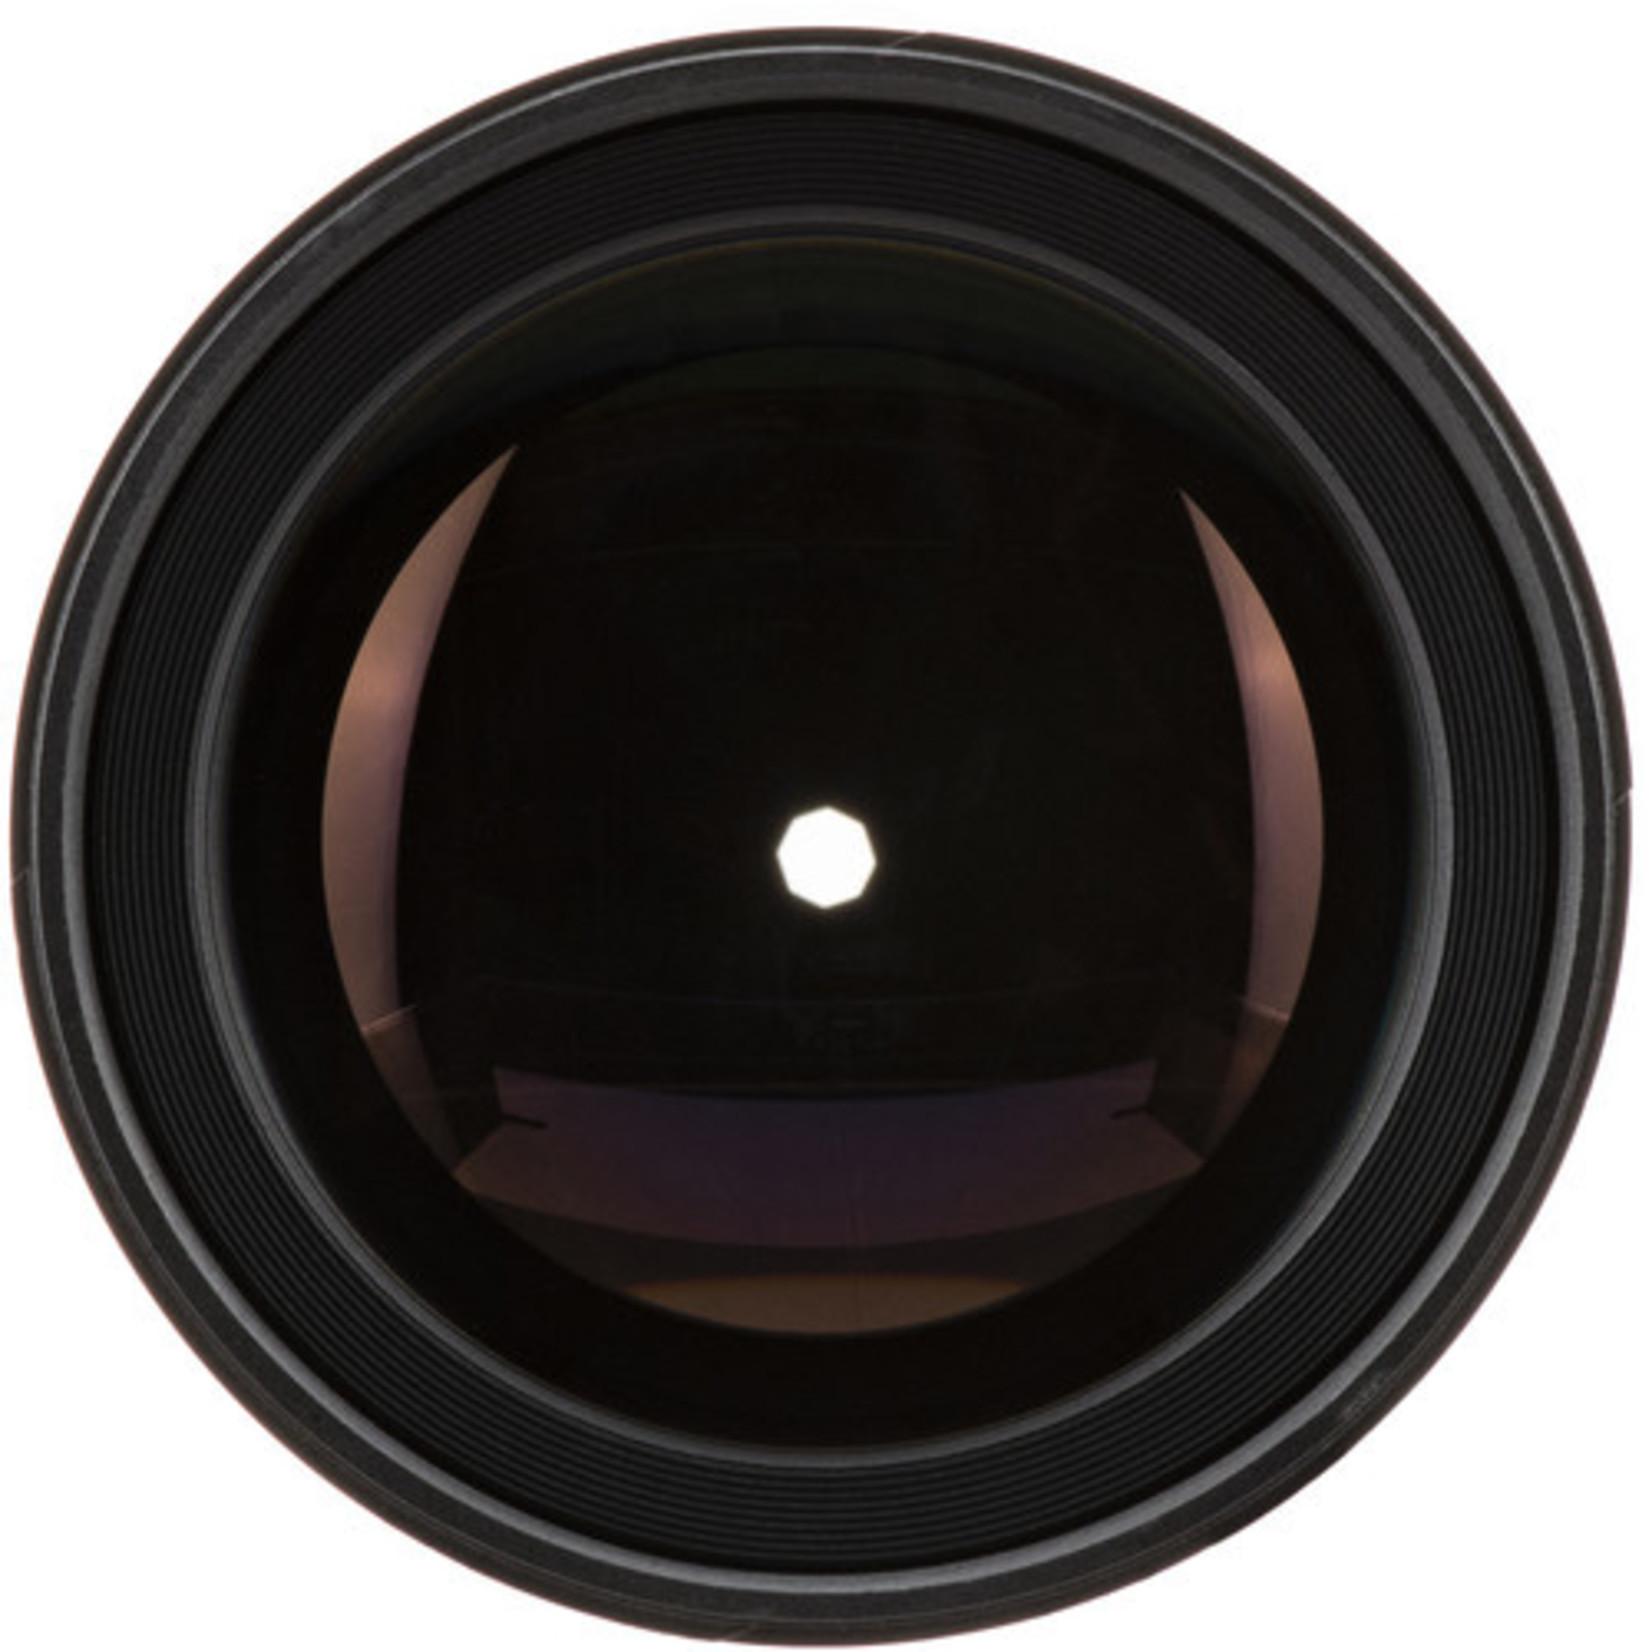 Rokinon Rokinon 85mm f/1.4 AS IF UMC Lens for Sony E Mount